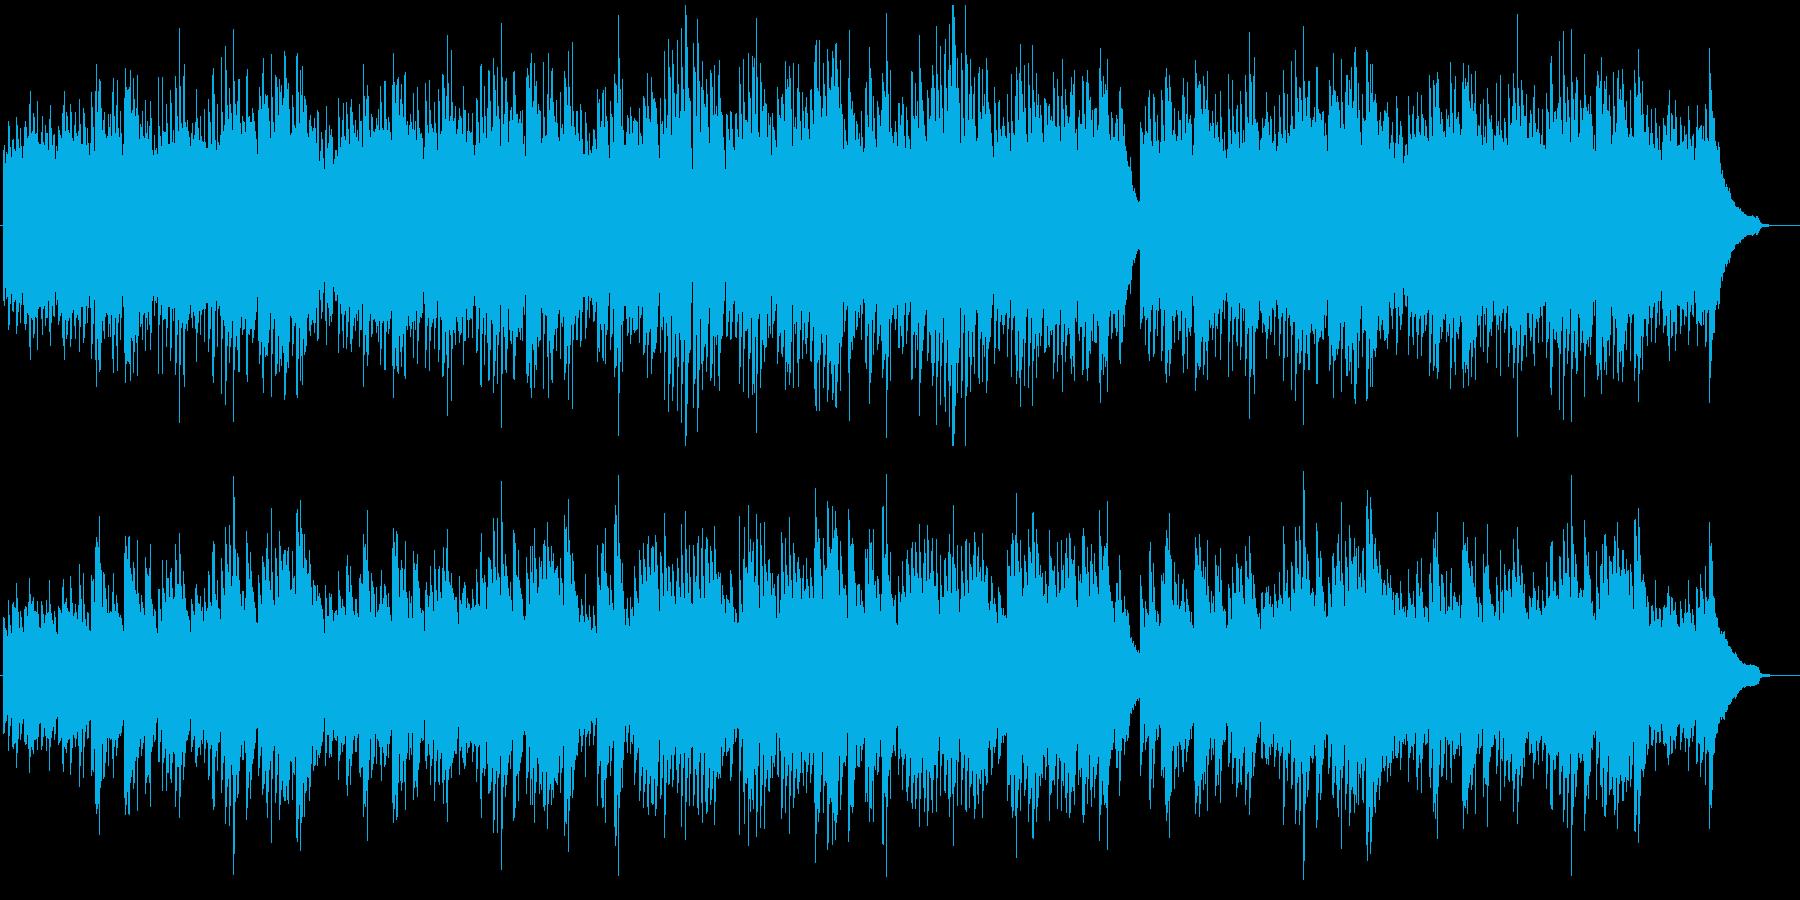 禁じられた遊びのような繊細なピアノ曲の再生済みの波形